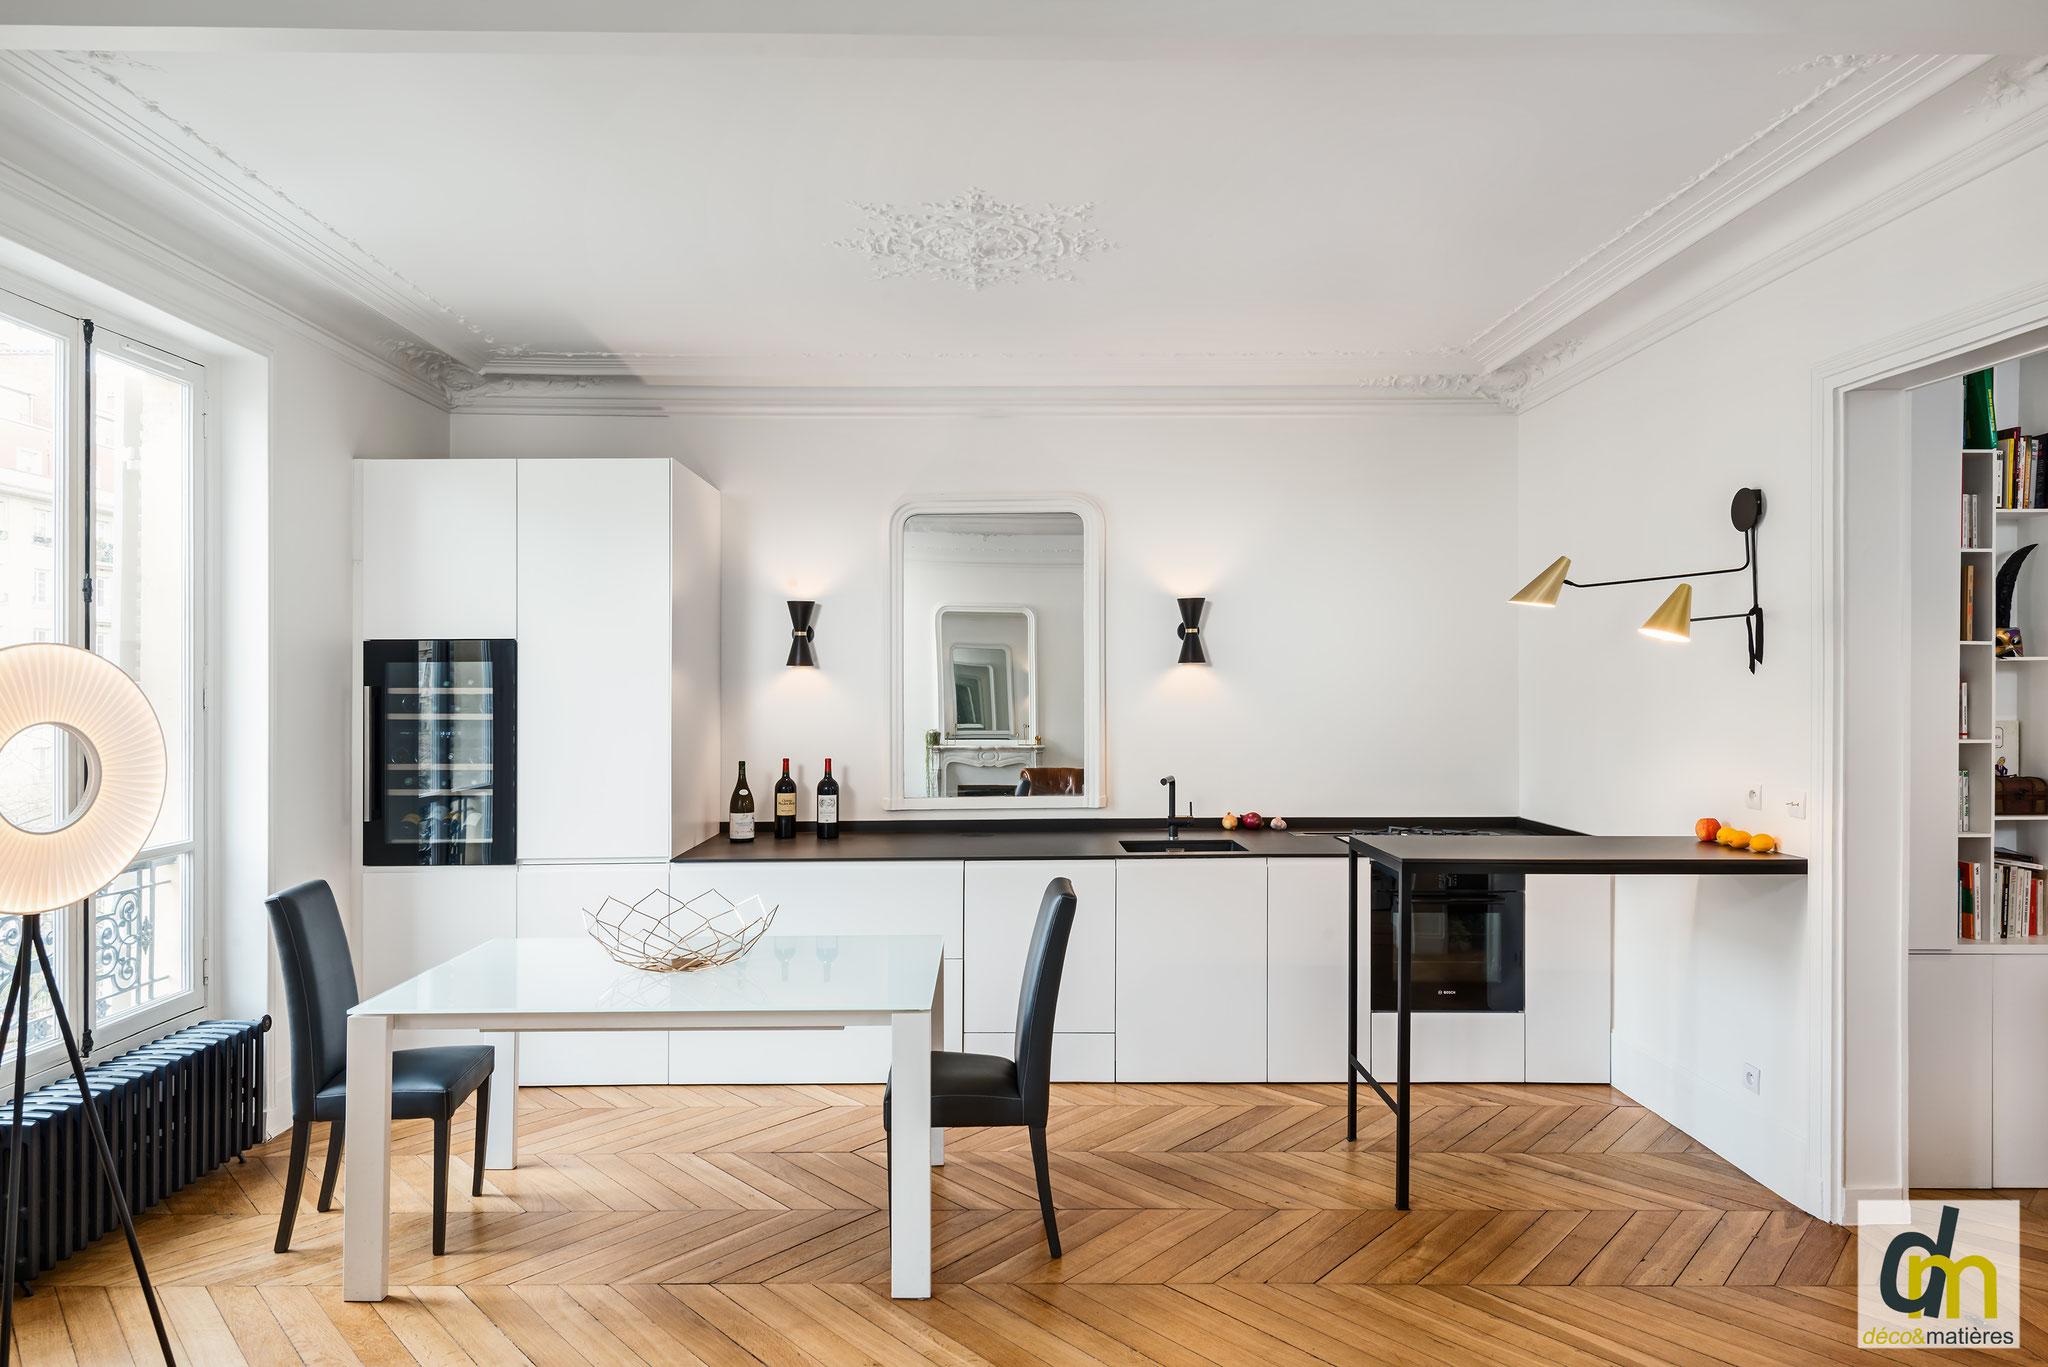 une cuisine dans un séjour haussmannien : Elle se fond dans la décoration haussmannienne. Façades blanches et plan extra fin en céramique anthracite